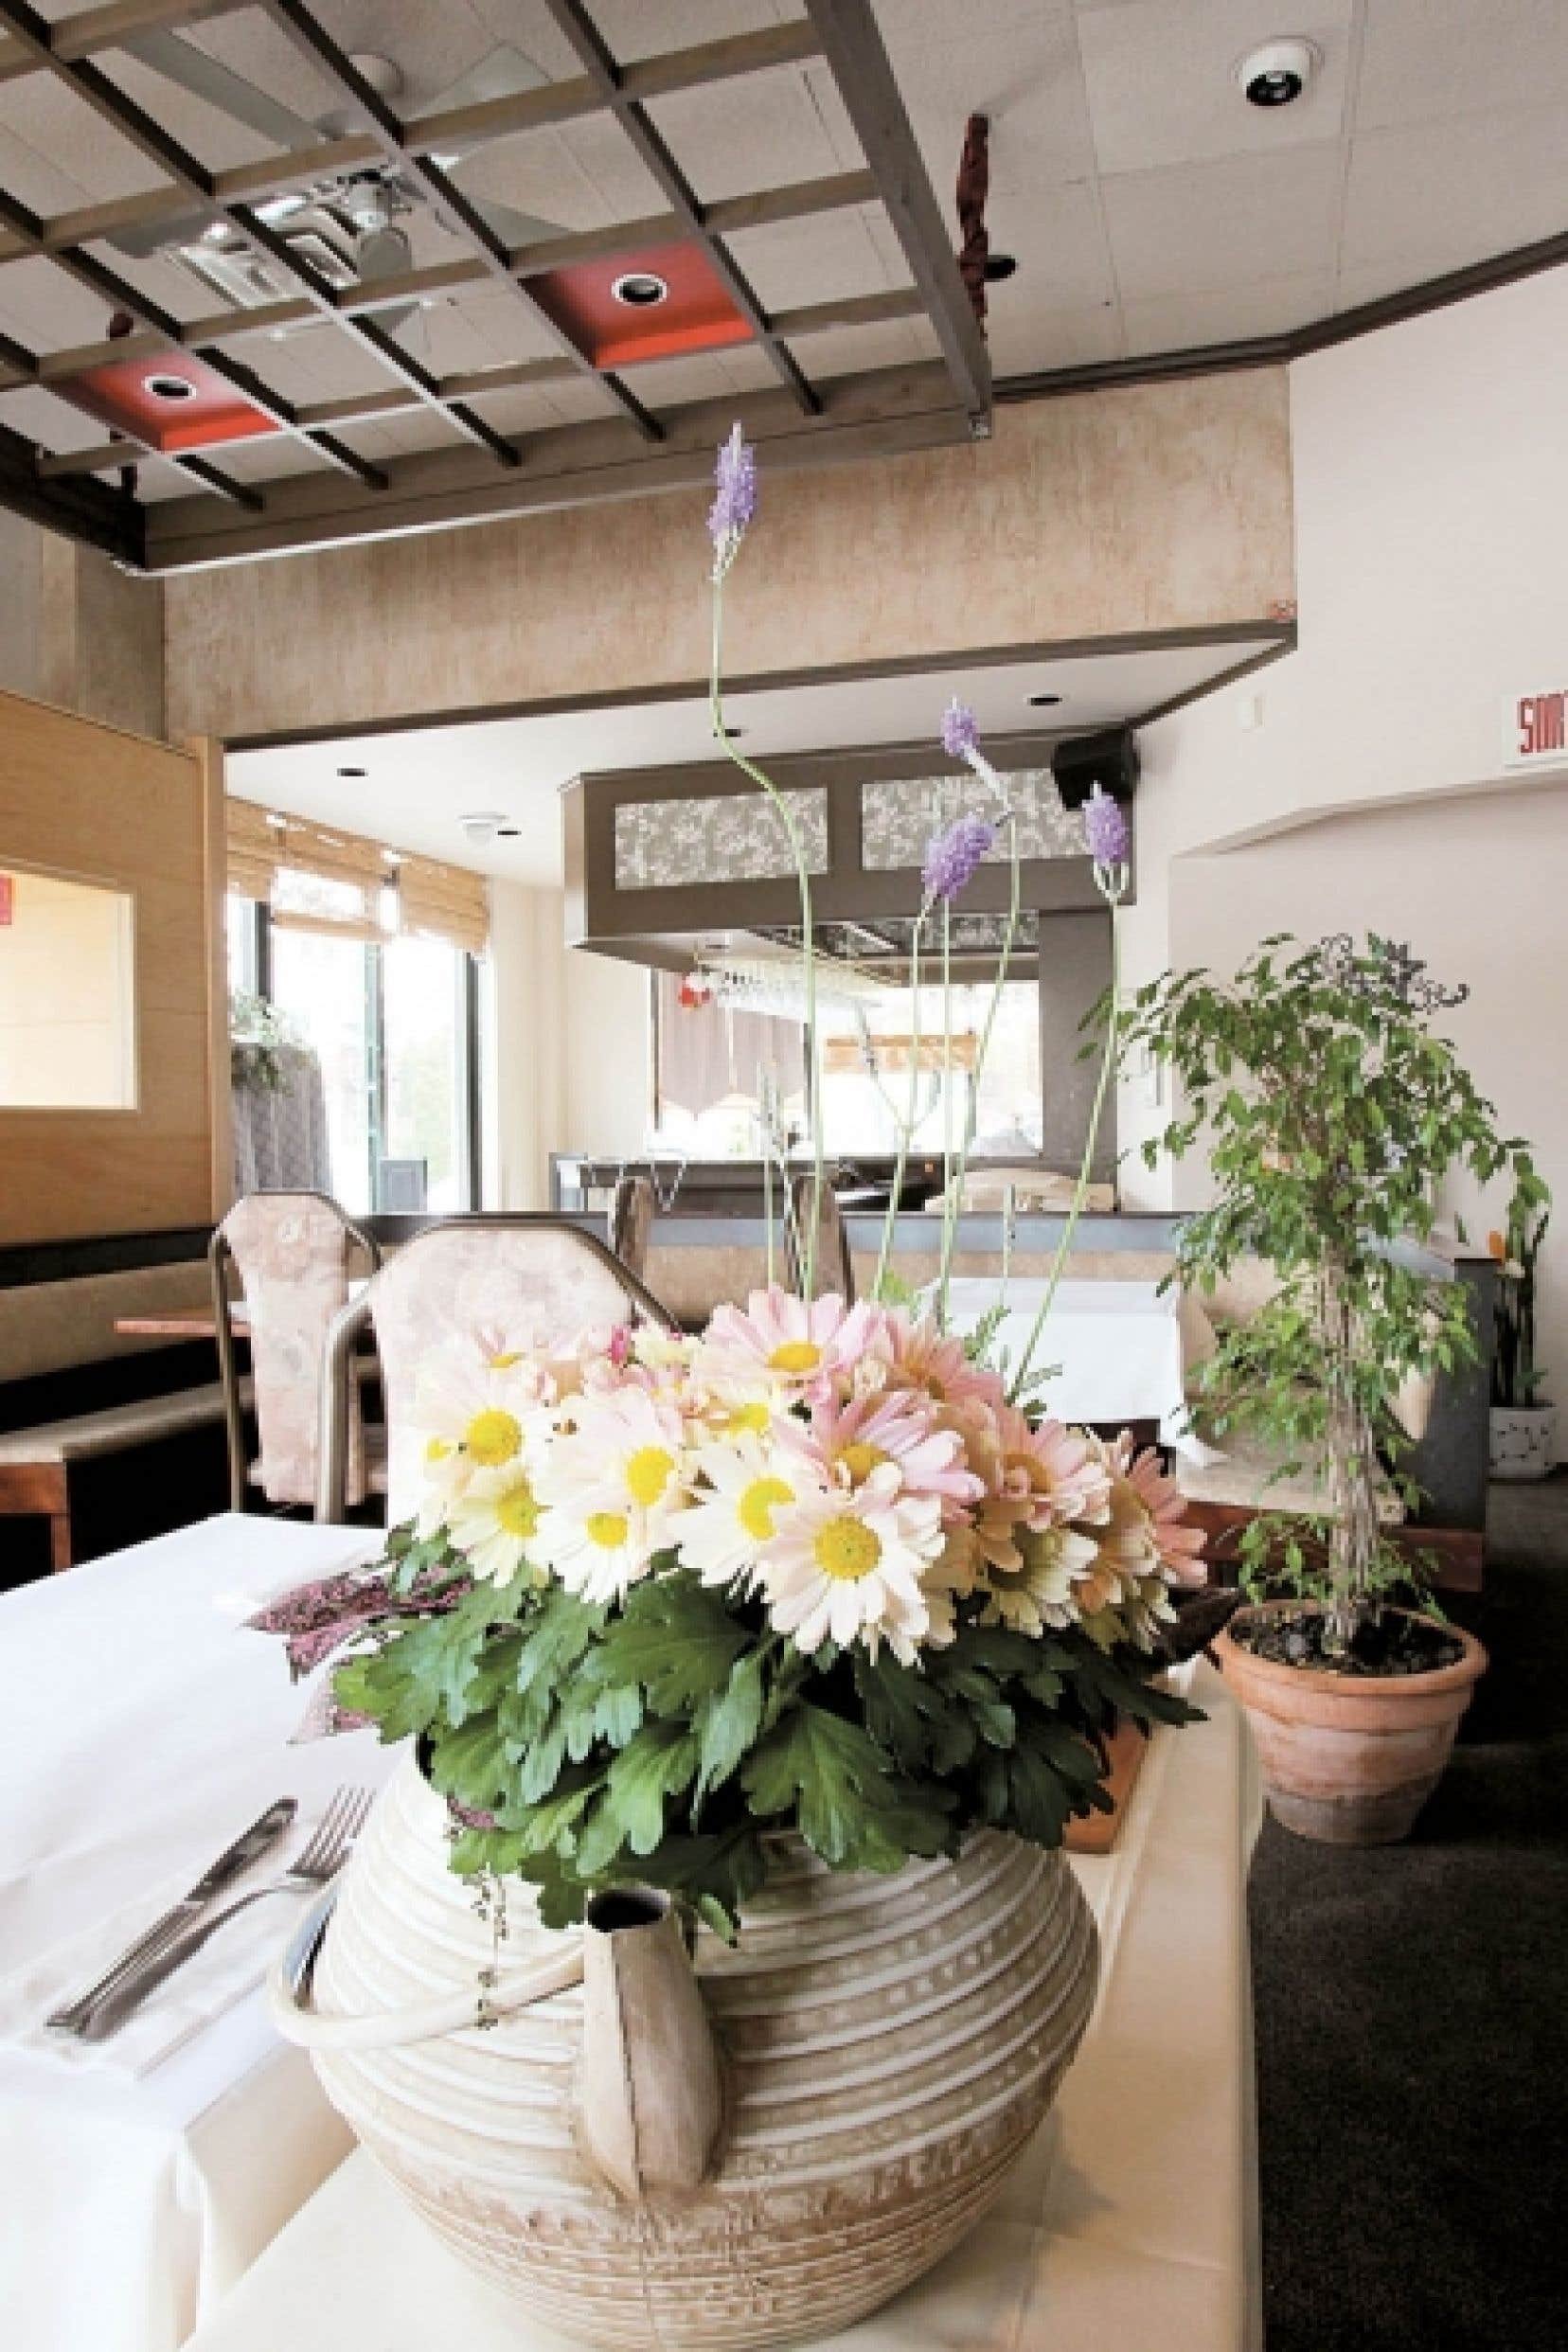 Le décor du restaurant Jogoya, typiquement chinois, rappelle les grandes salles de banquet. On y a volontairement renoncé au permis d'alcool, ce qui permet aux clients d'apporter leur vin ou leur bière.